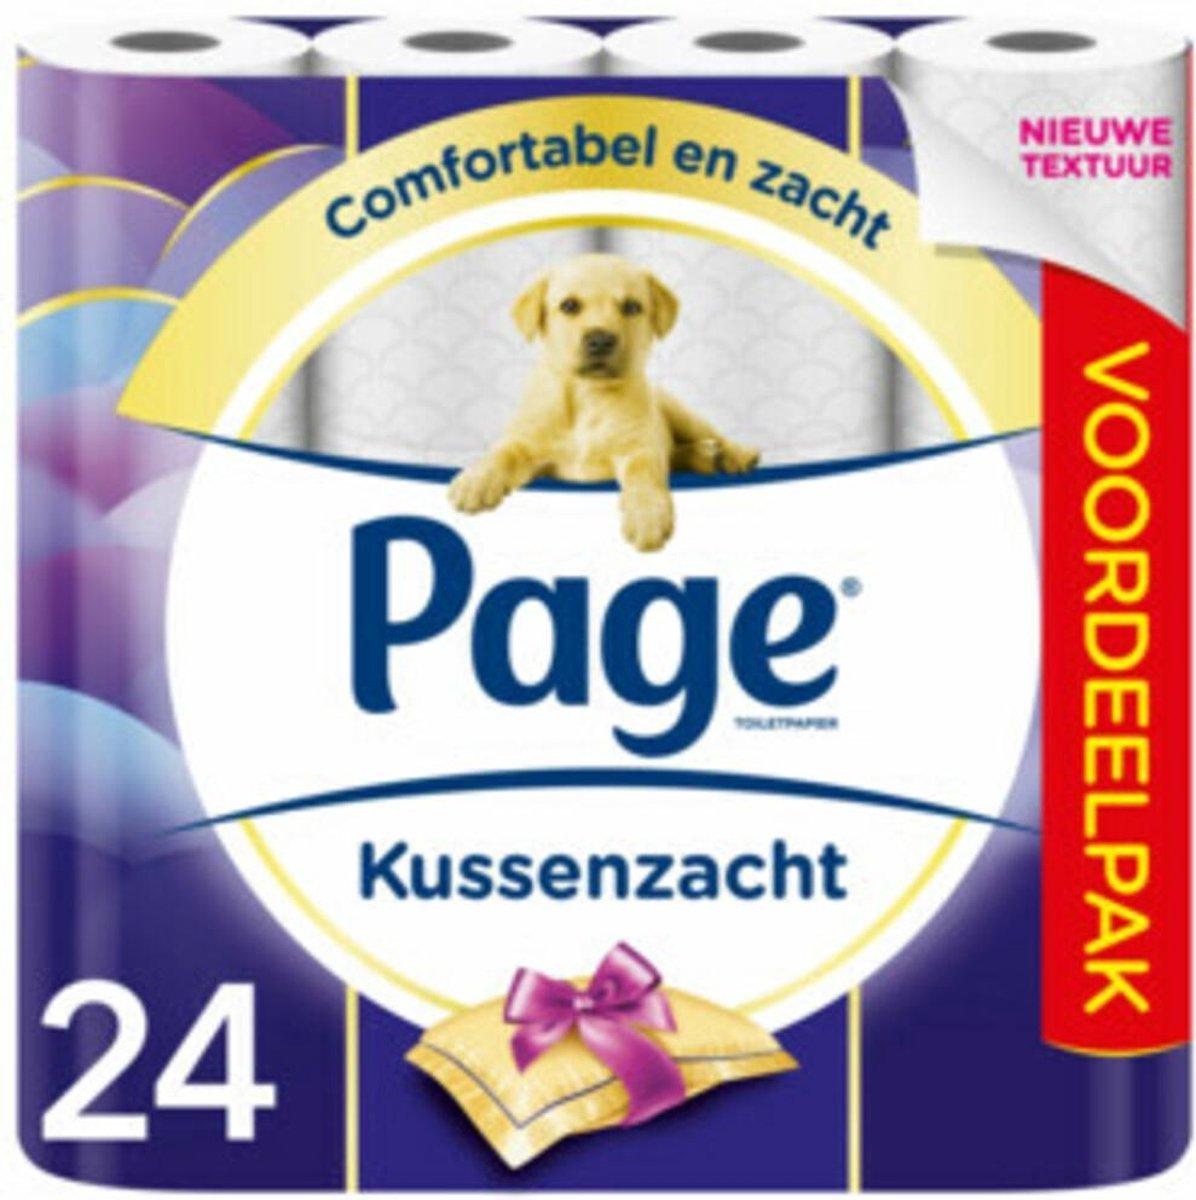 Page toiletpapier - Kussenzacht wc papier - 3-laags - voordeelverpakking - 24 rollen